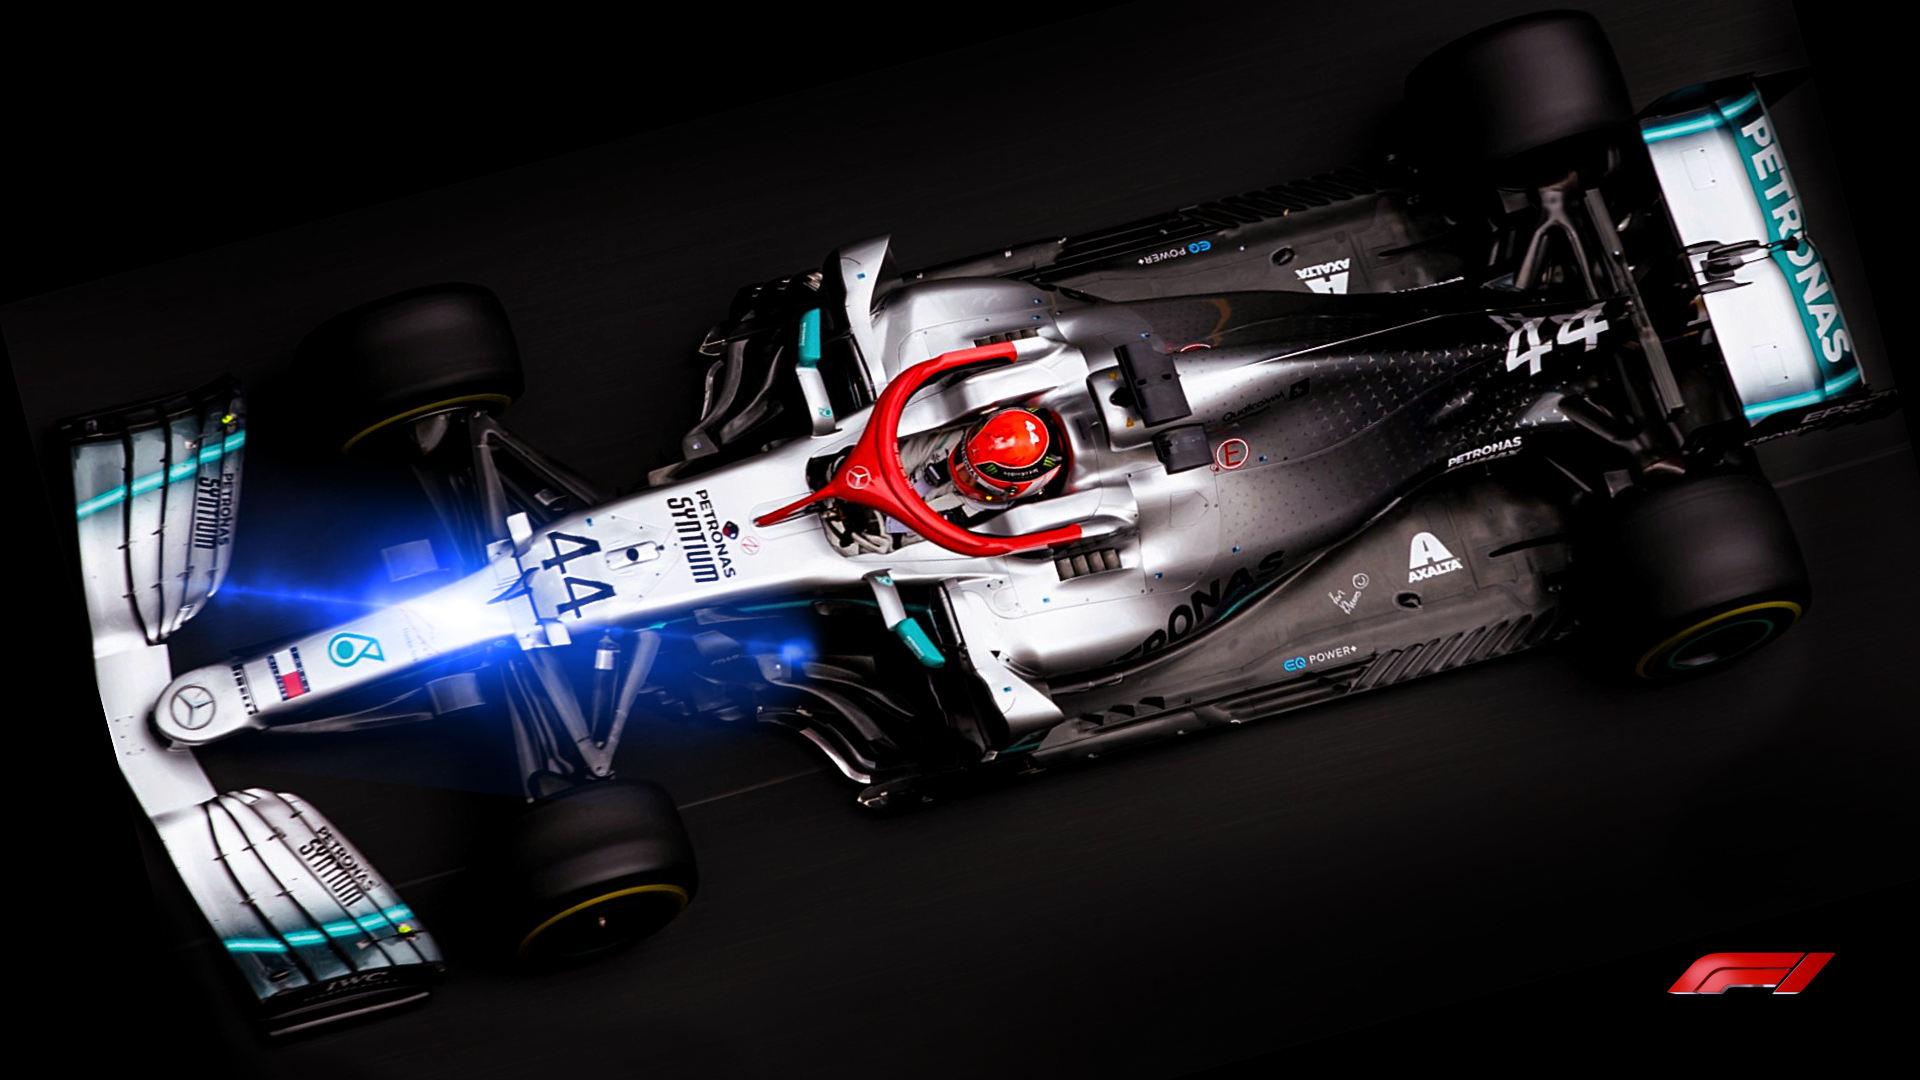 Mercedes 2020 F1 Car W11 Wallpaper 1920x1080